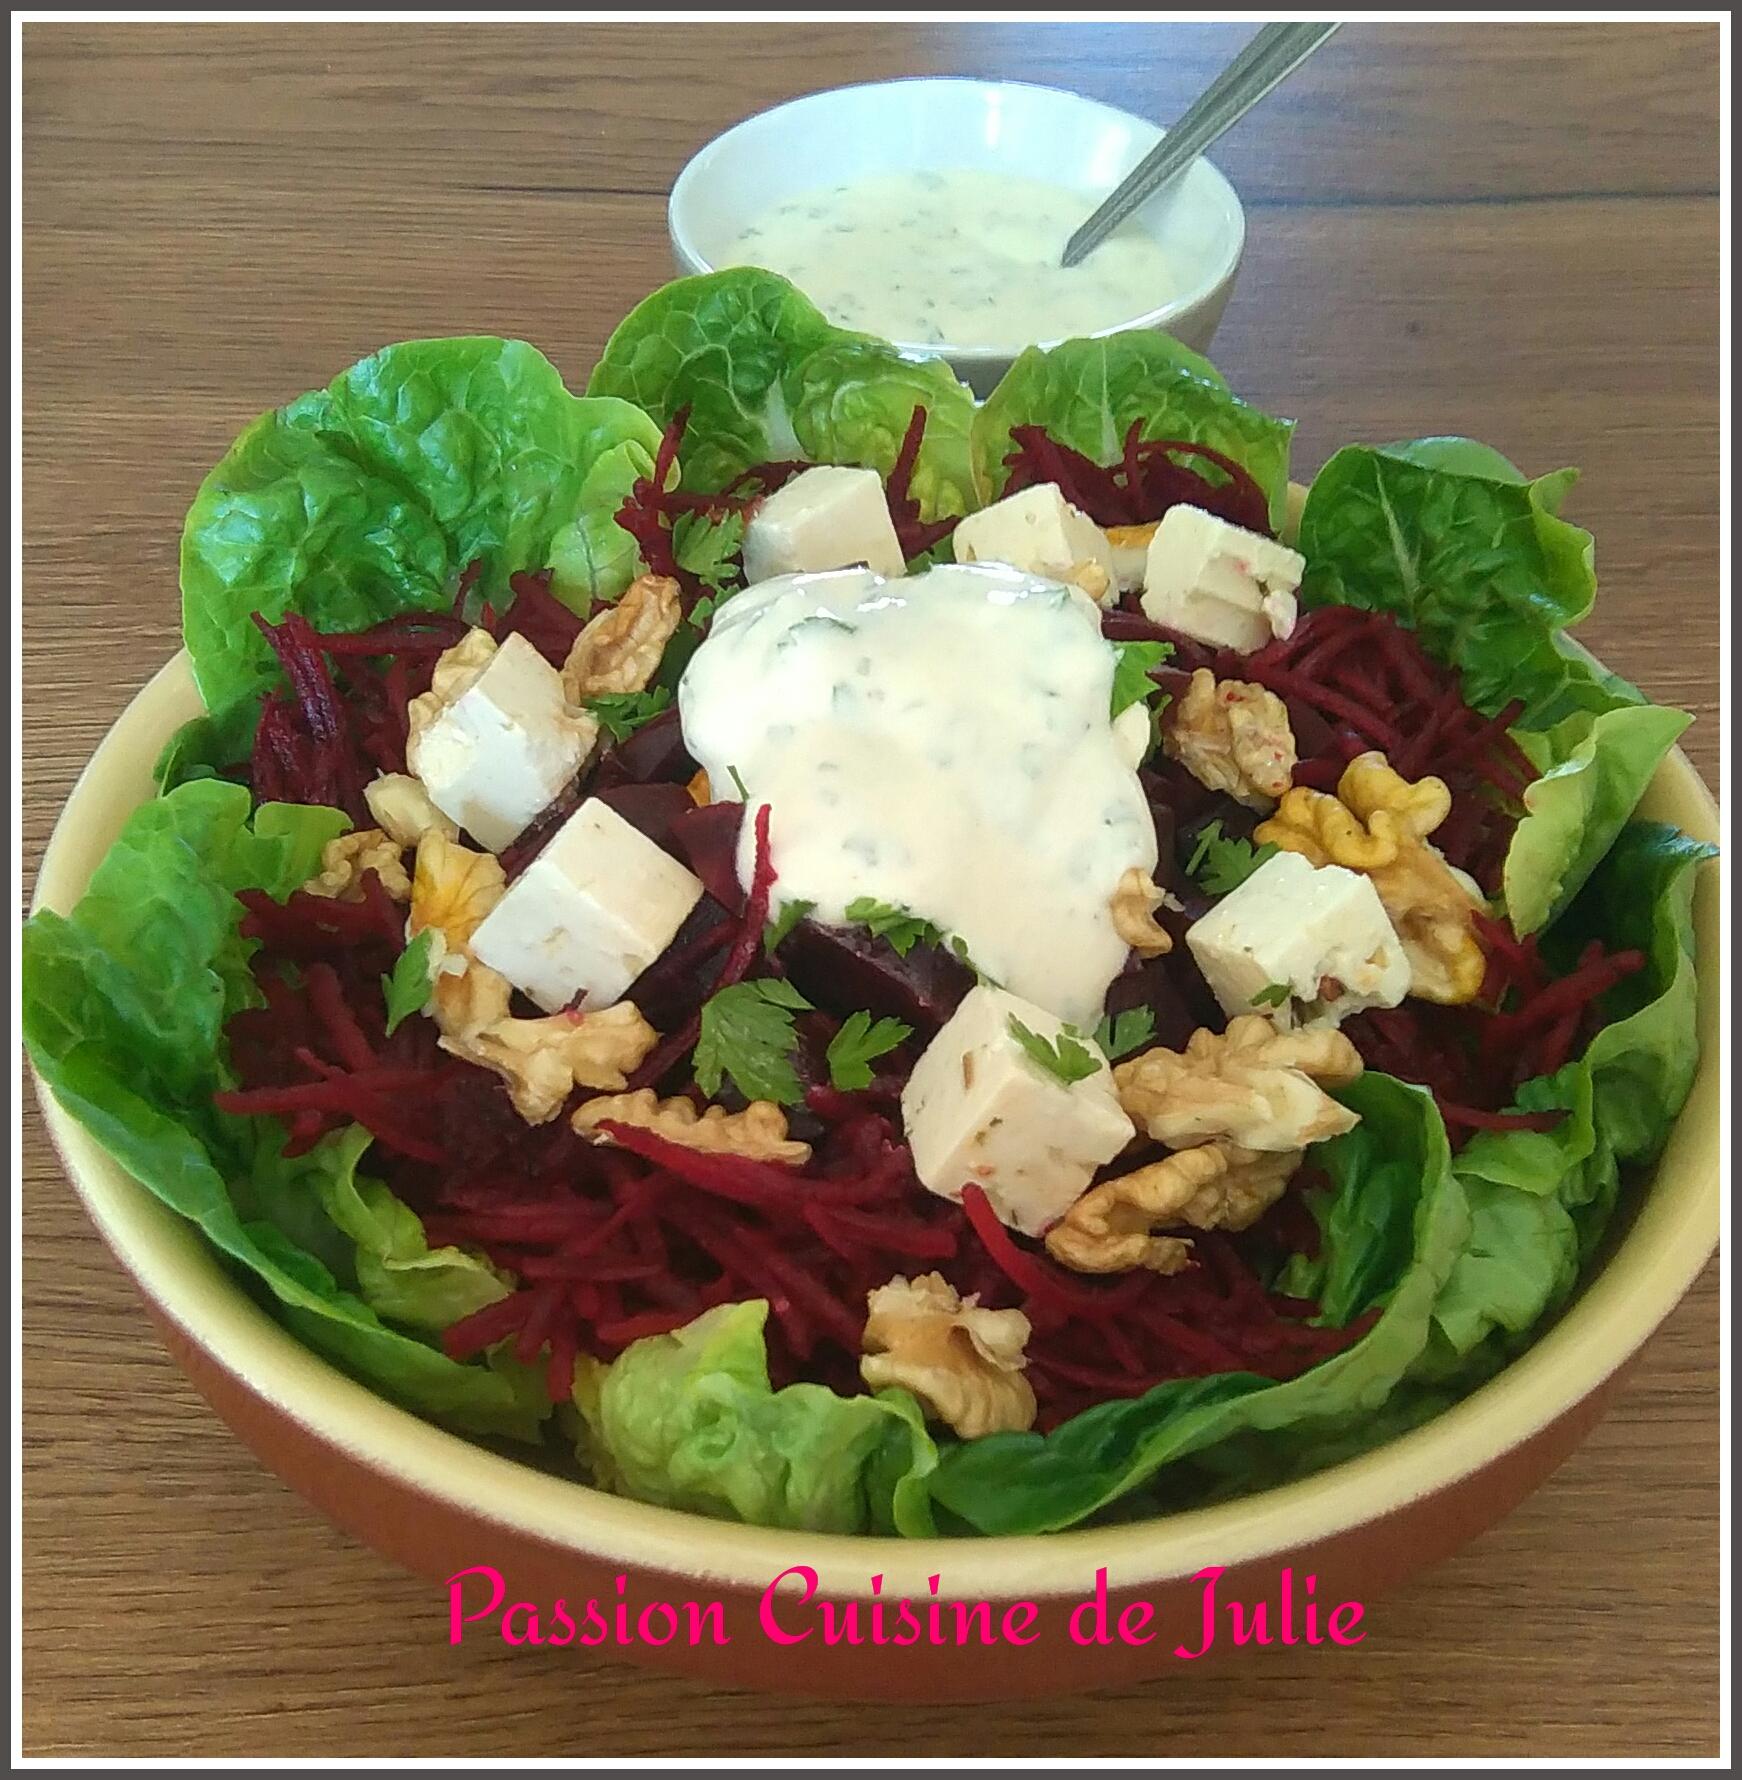 Salade aux 2 betteraves - Passion Cuisine de Julie